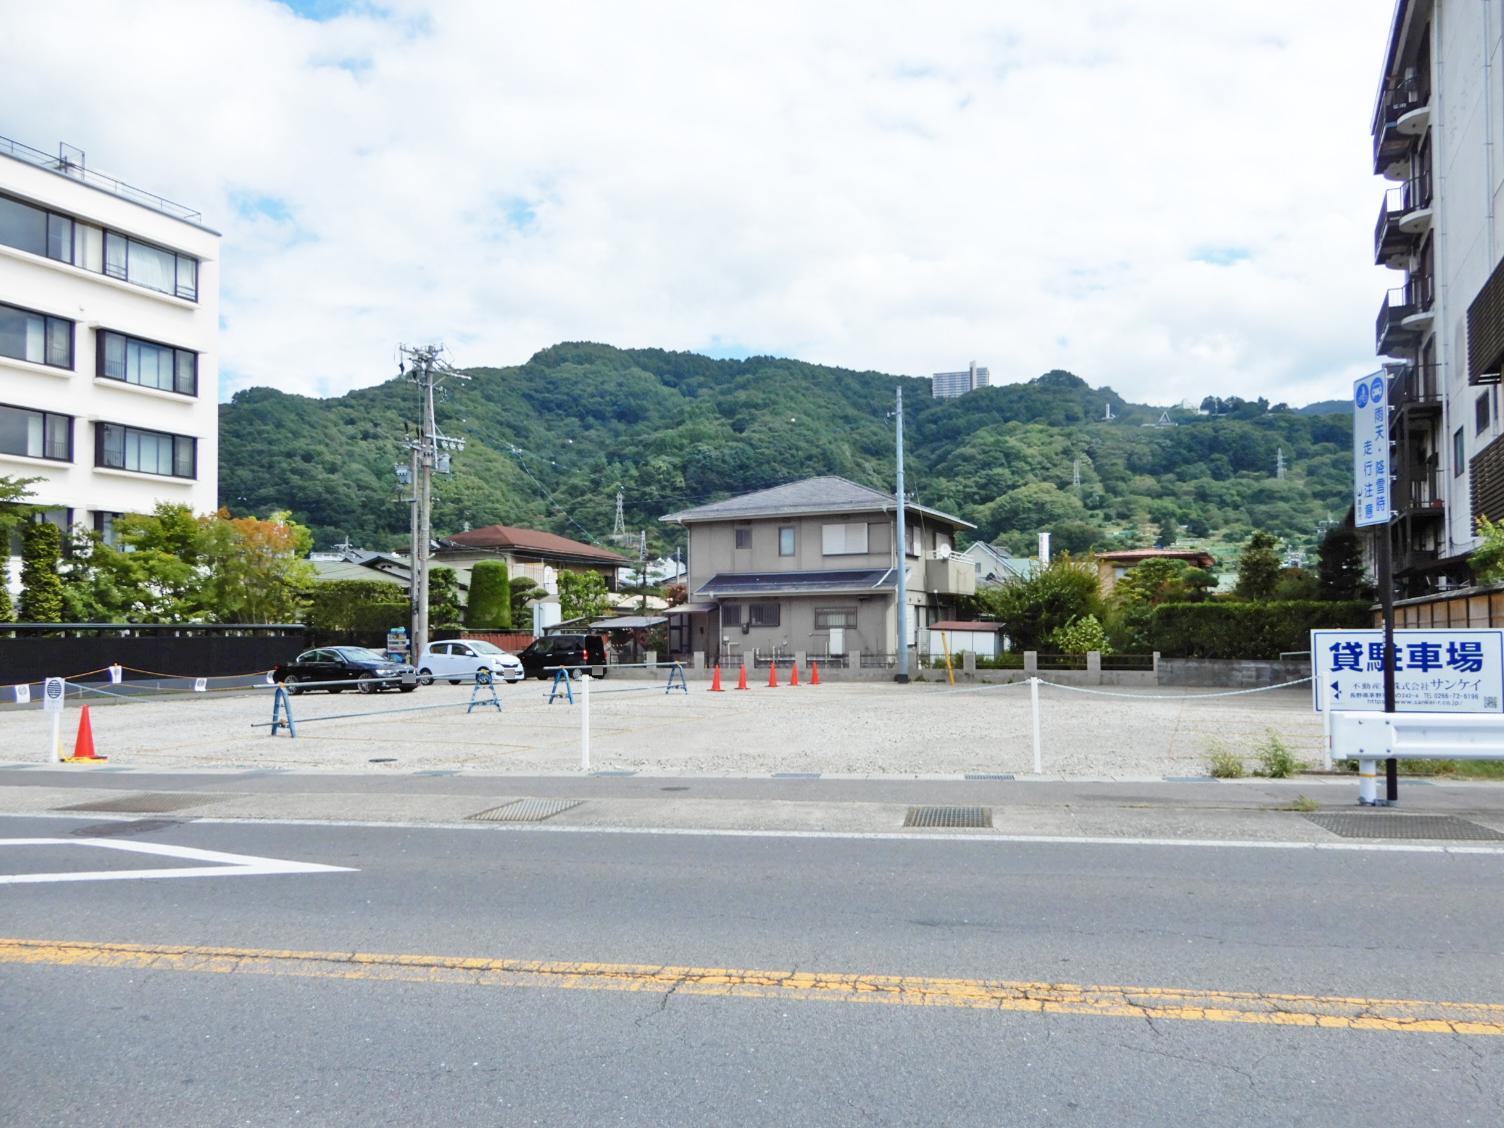 諏訪湖畔駐車場_サブ画像01